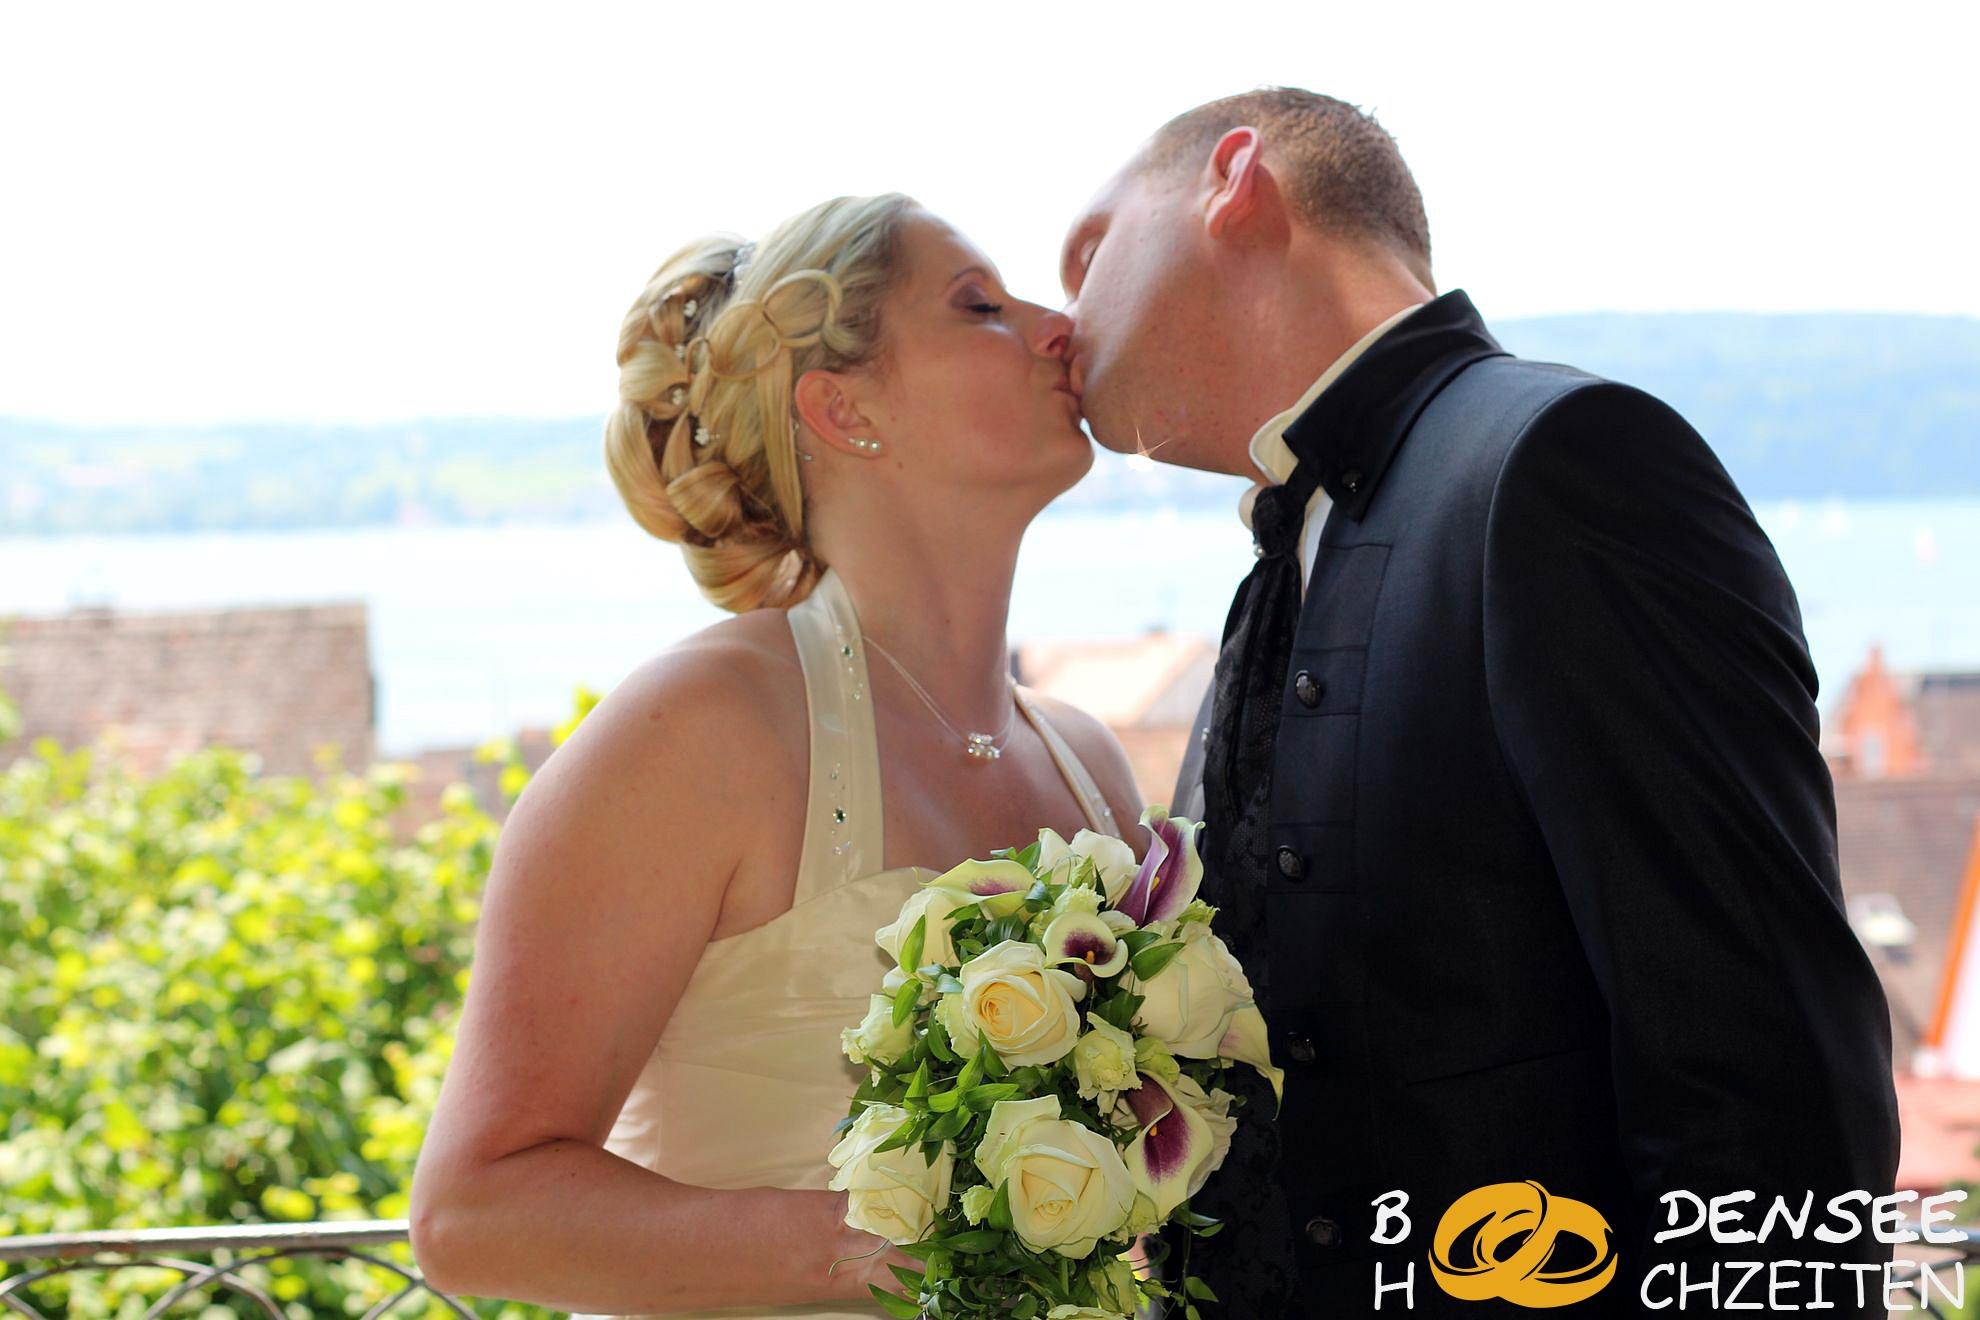 20% Rabatt bis 31.03.2014. Sichern Sie sich Ihren Wunschtermin für Ihre Hochzeitsfotos und Hochzeitsfilme am Bodensee!